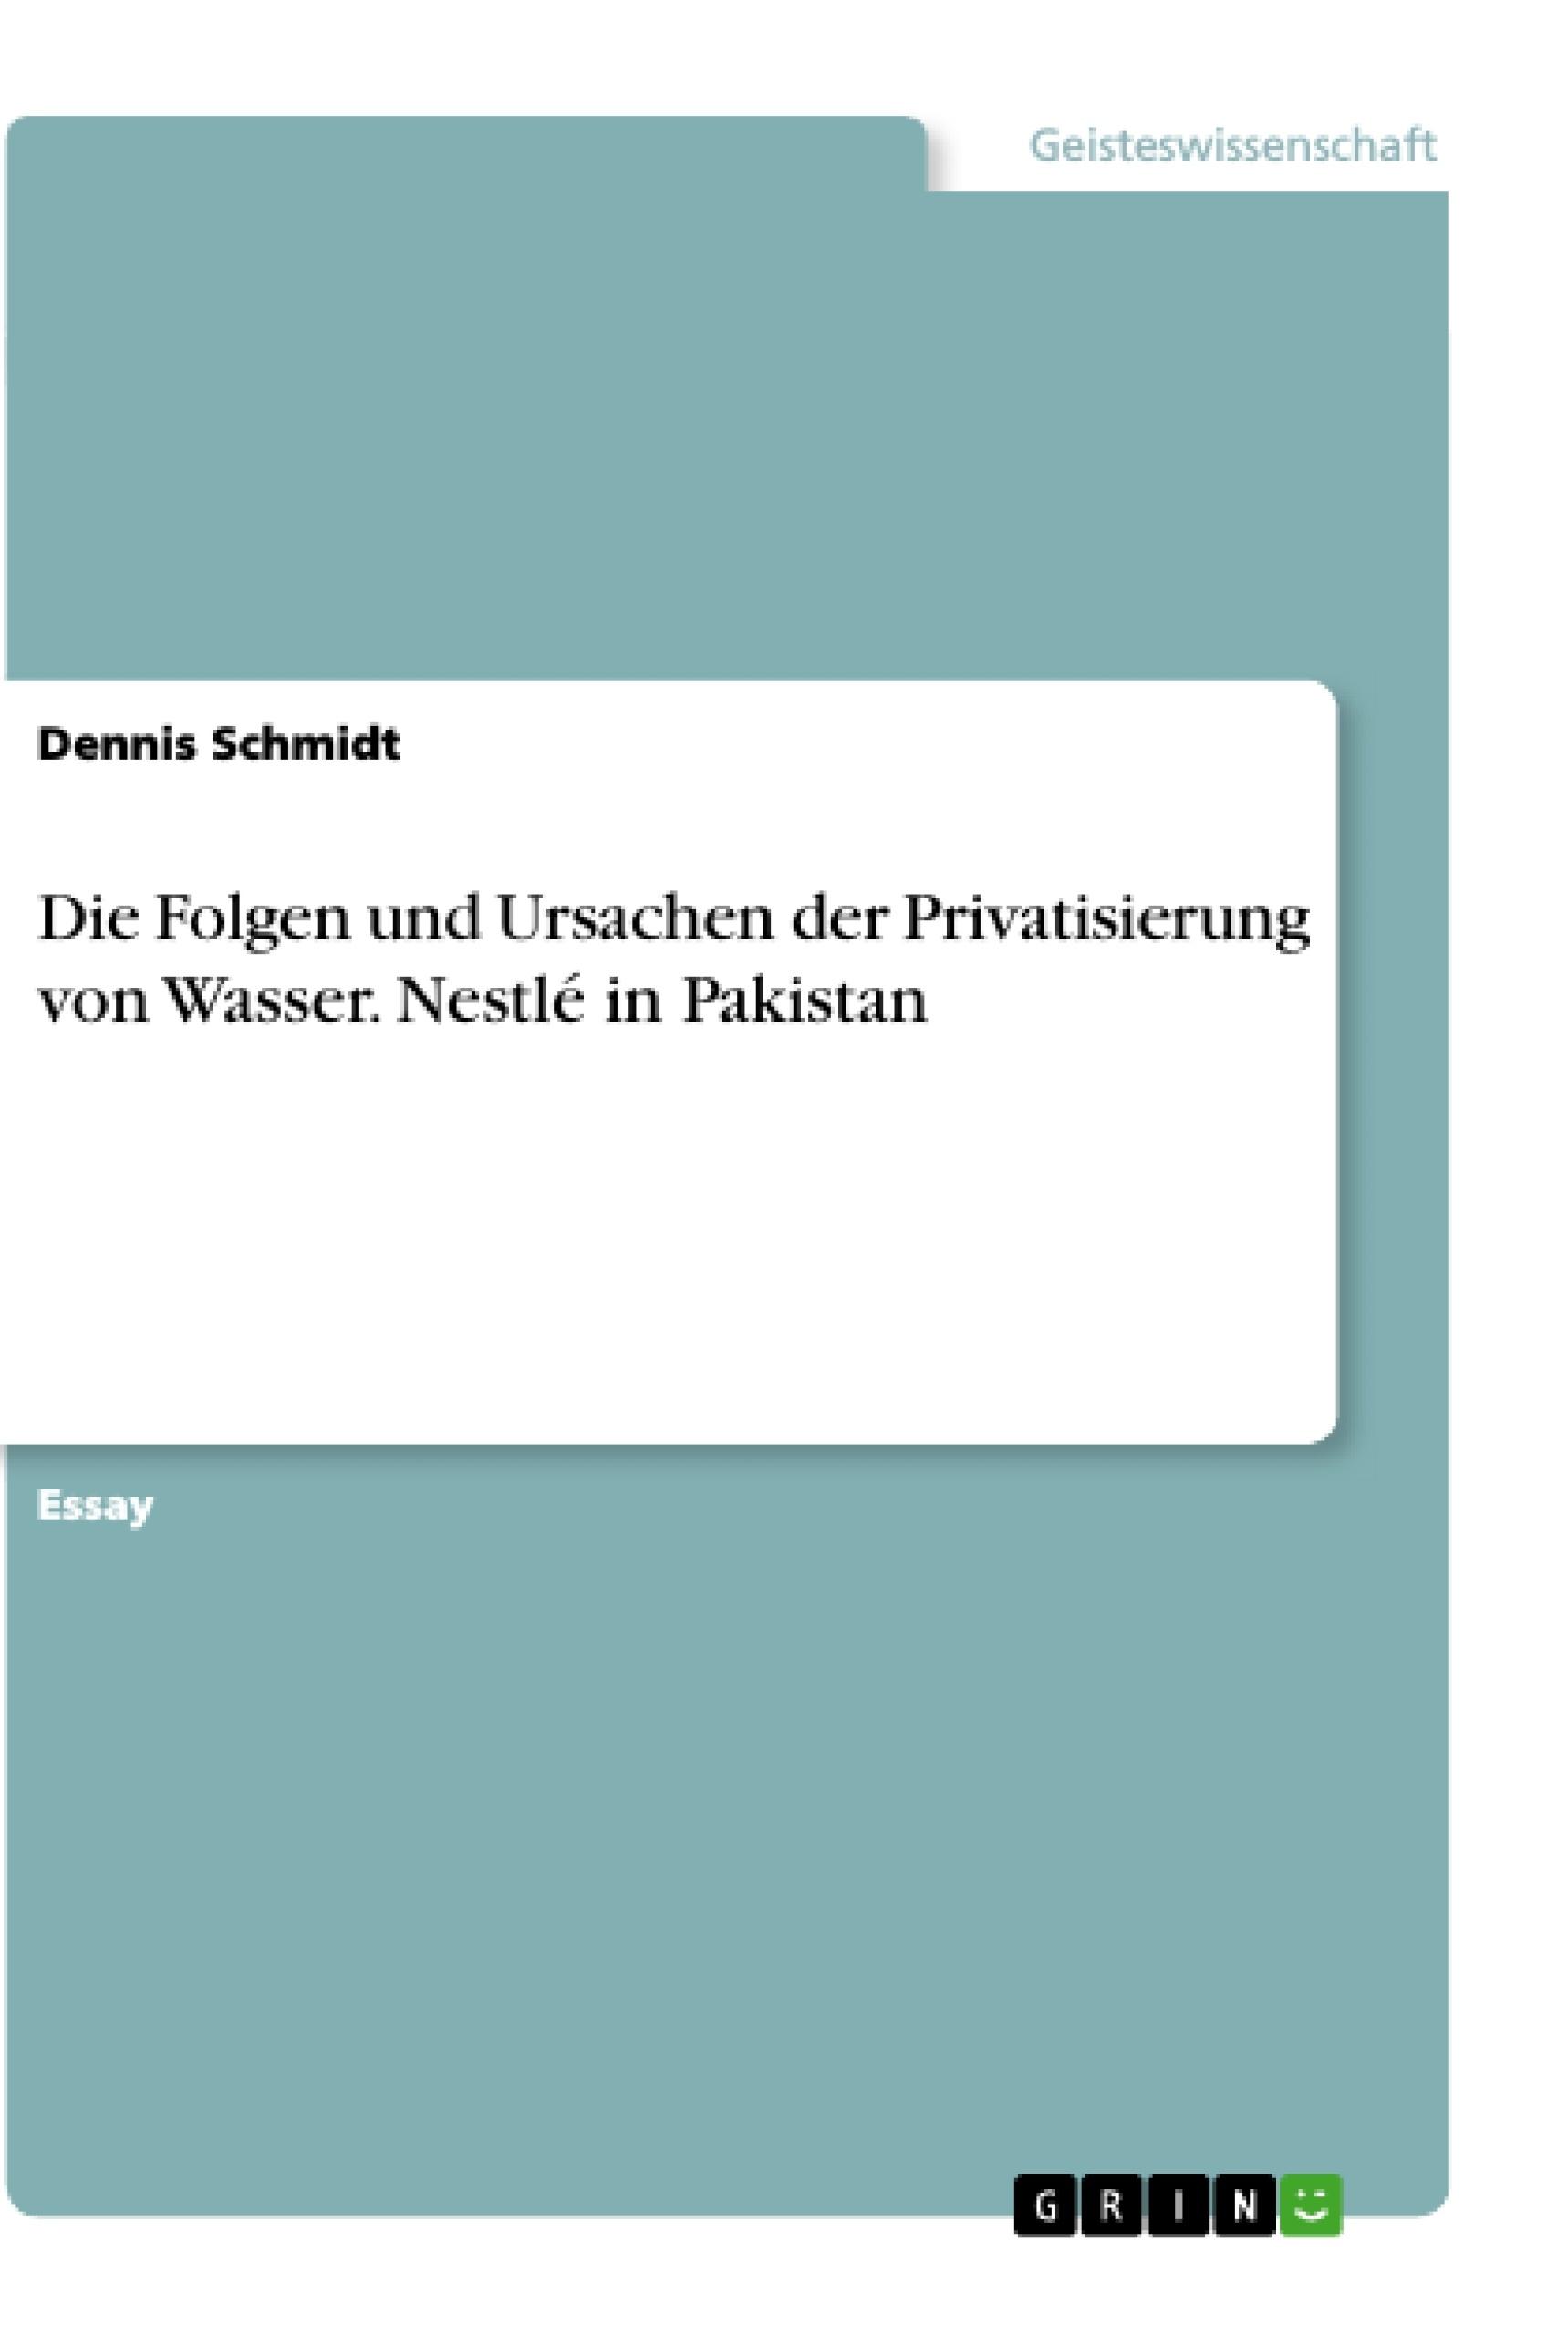 Titel: Die Folgen und Ursachen der Privatisierung von Wasser. Nestlé in Pakistan